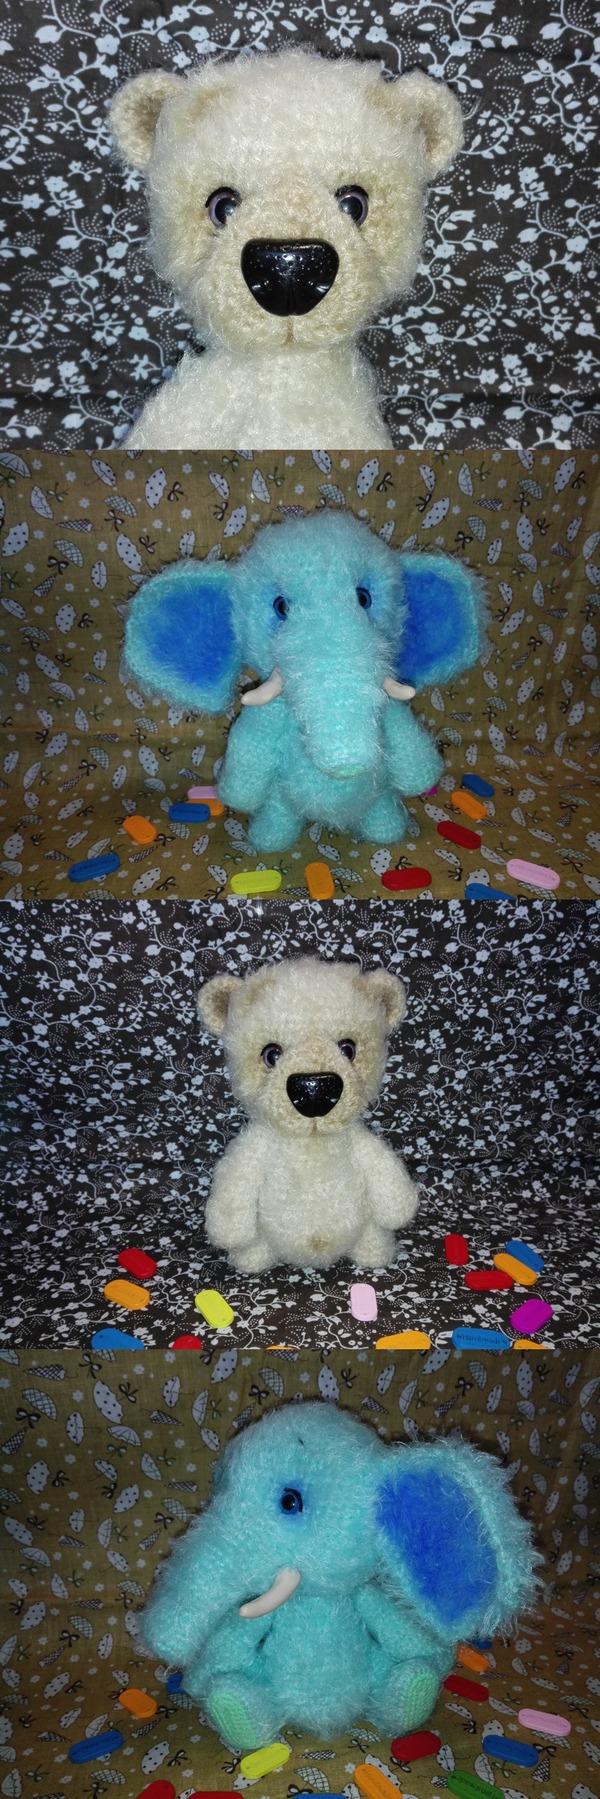 Пятничное моё. Мишка Василий и мамонтенок Георгий. амигуруми, амигуруми вязание, мишка тедди, мамонтенок, пушистый, вязаные игрушки, вязание крючком, хобби, длиннопост